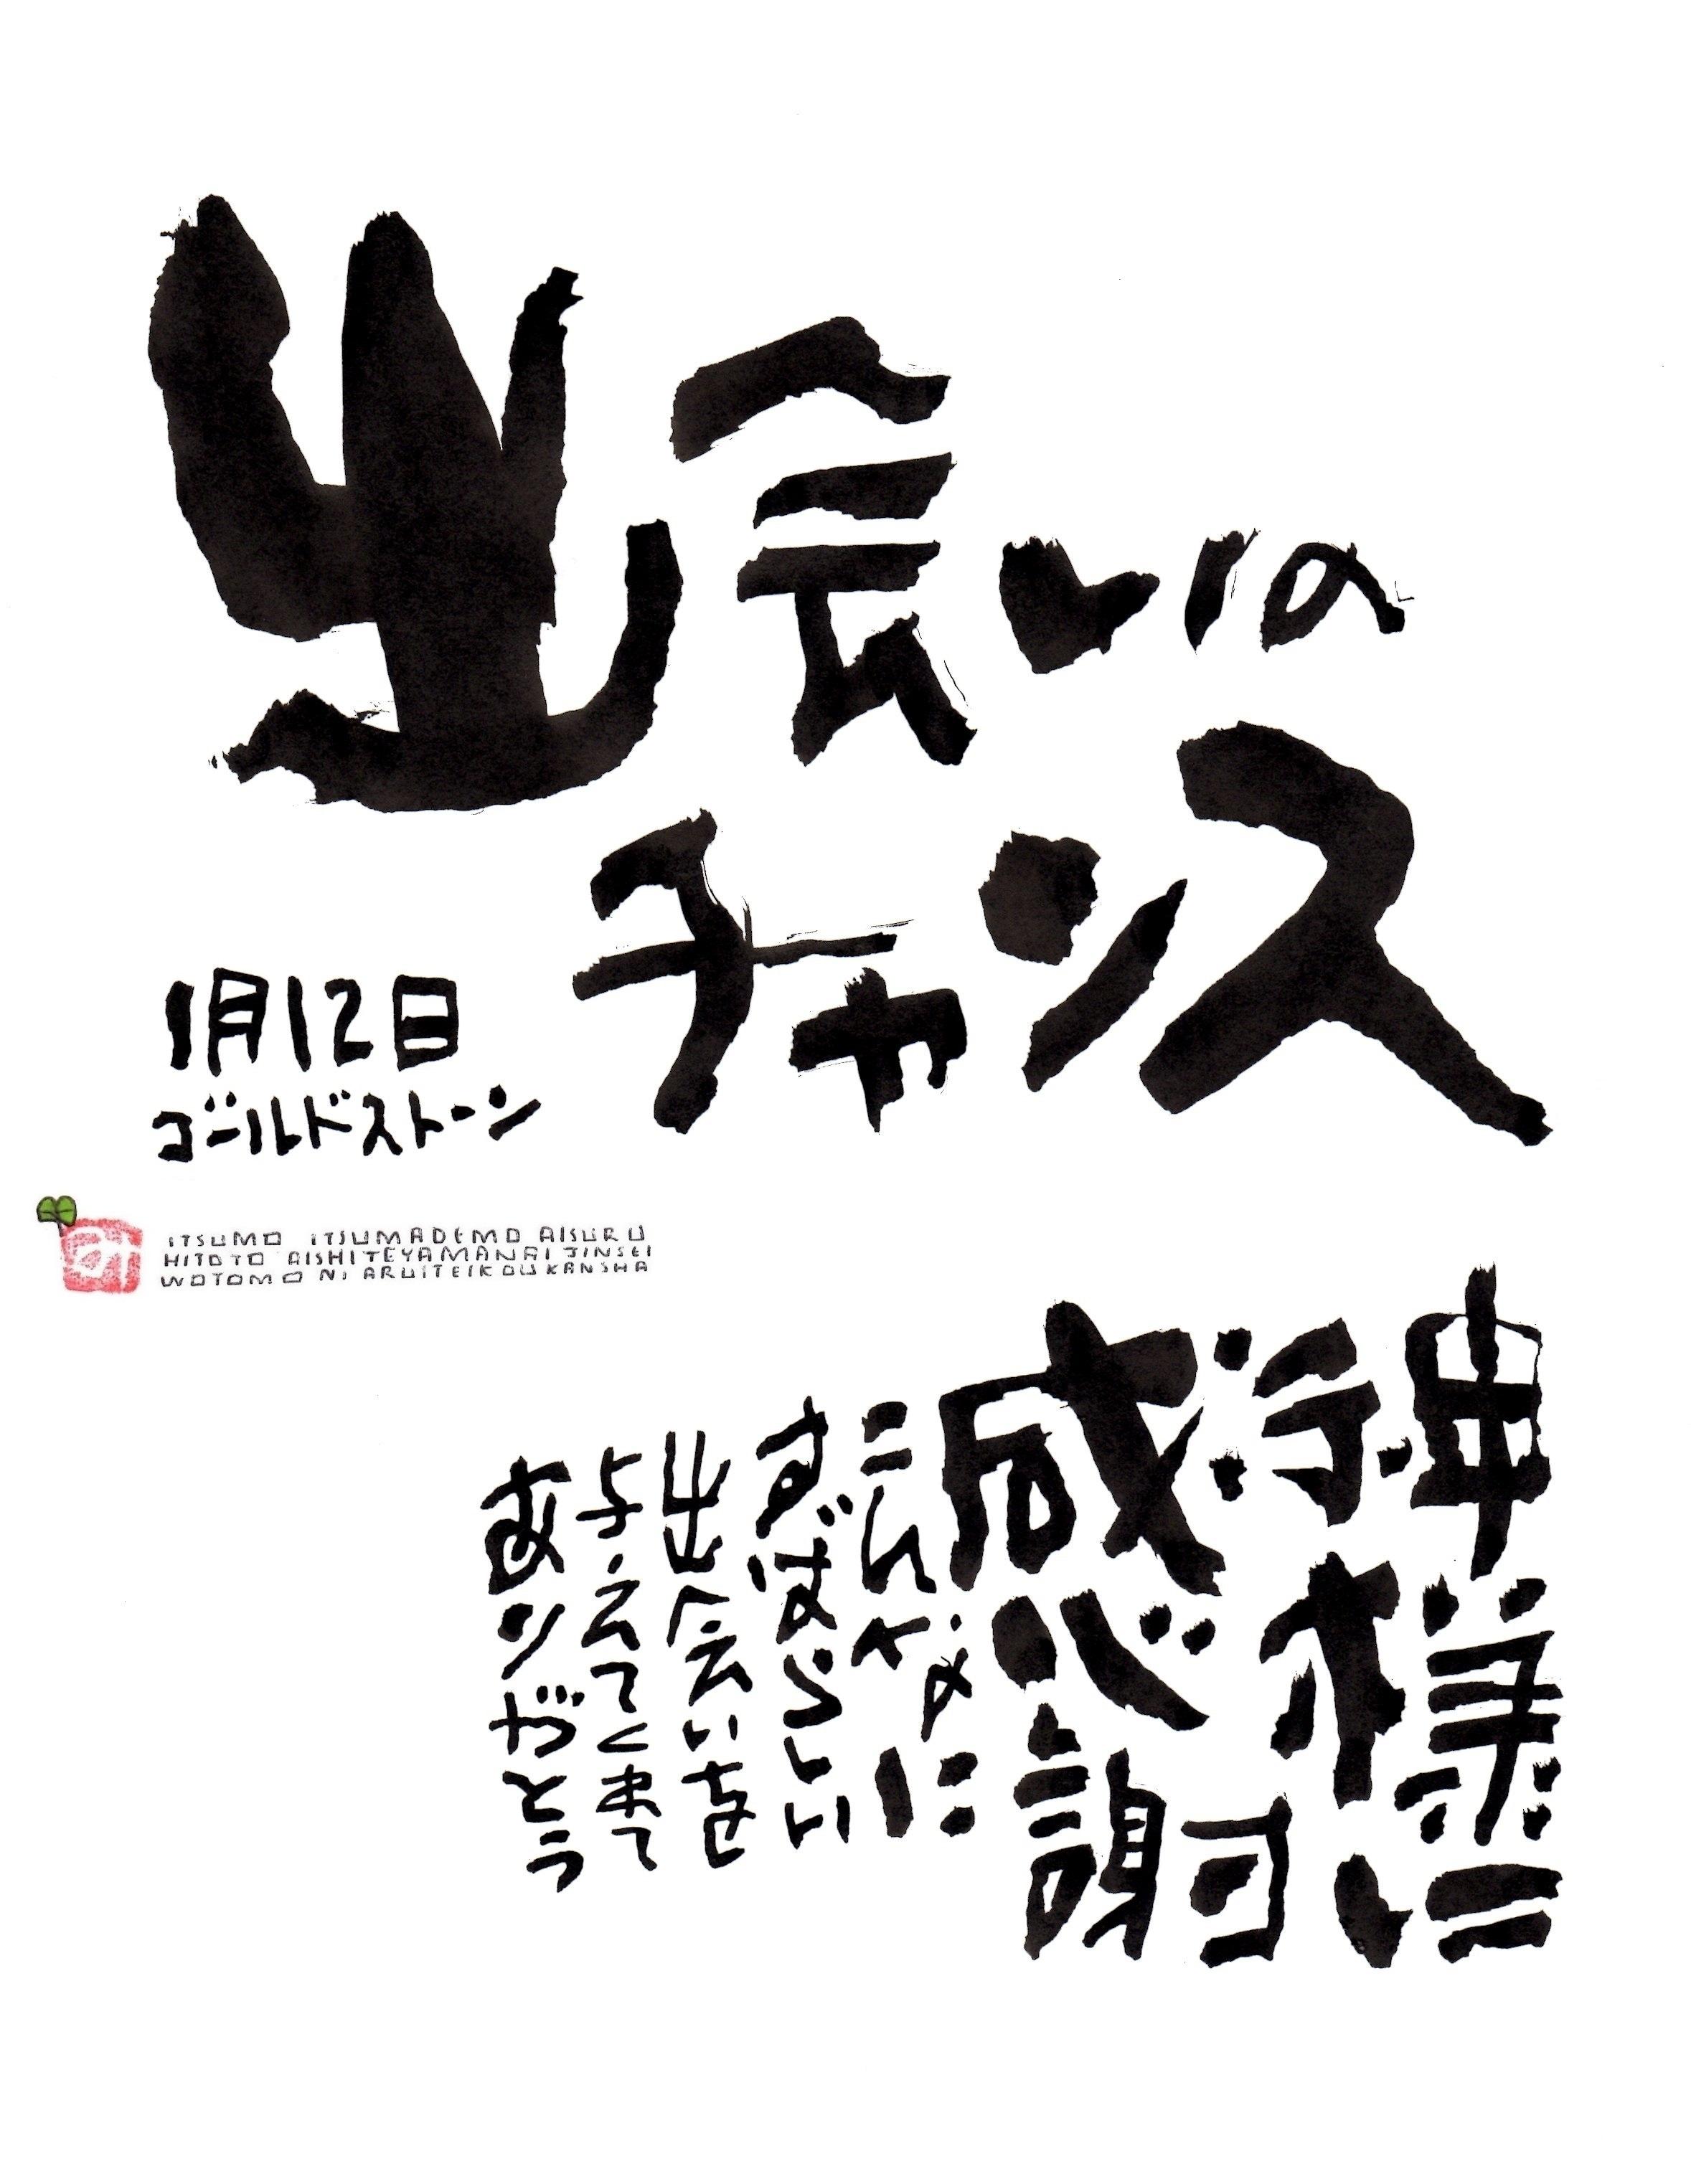 1月12日 結婚記念日ポストカード【出会いのチャンス】